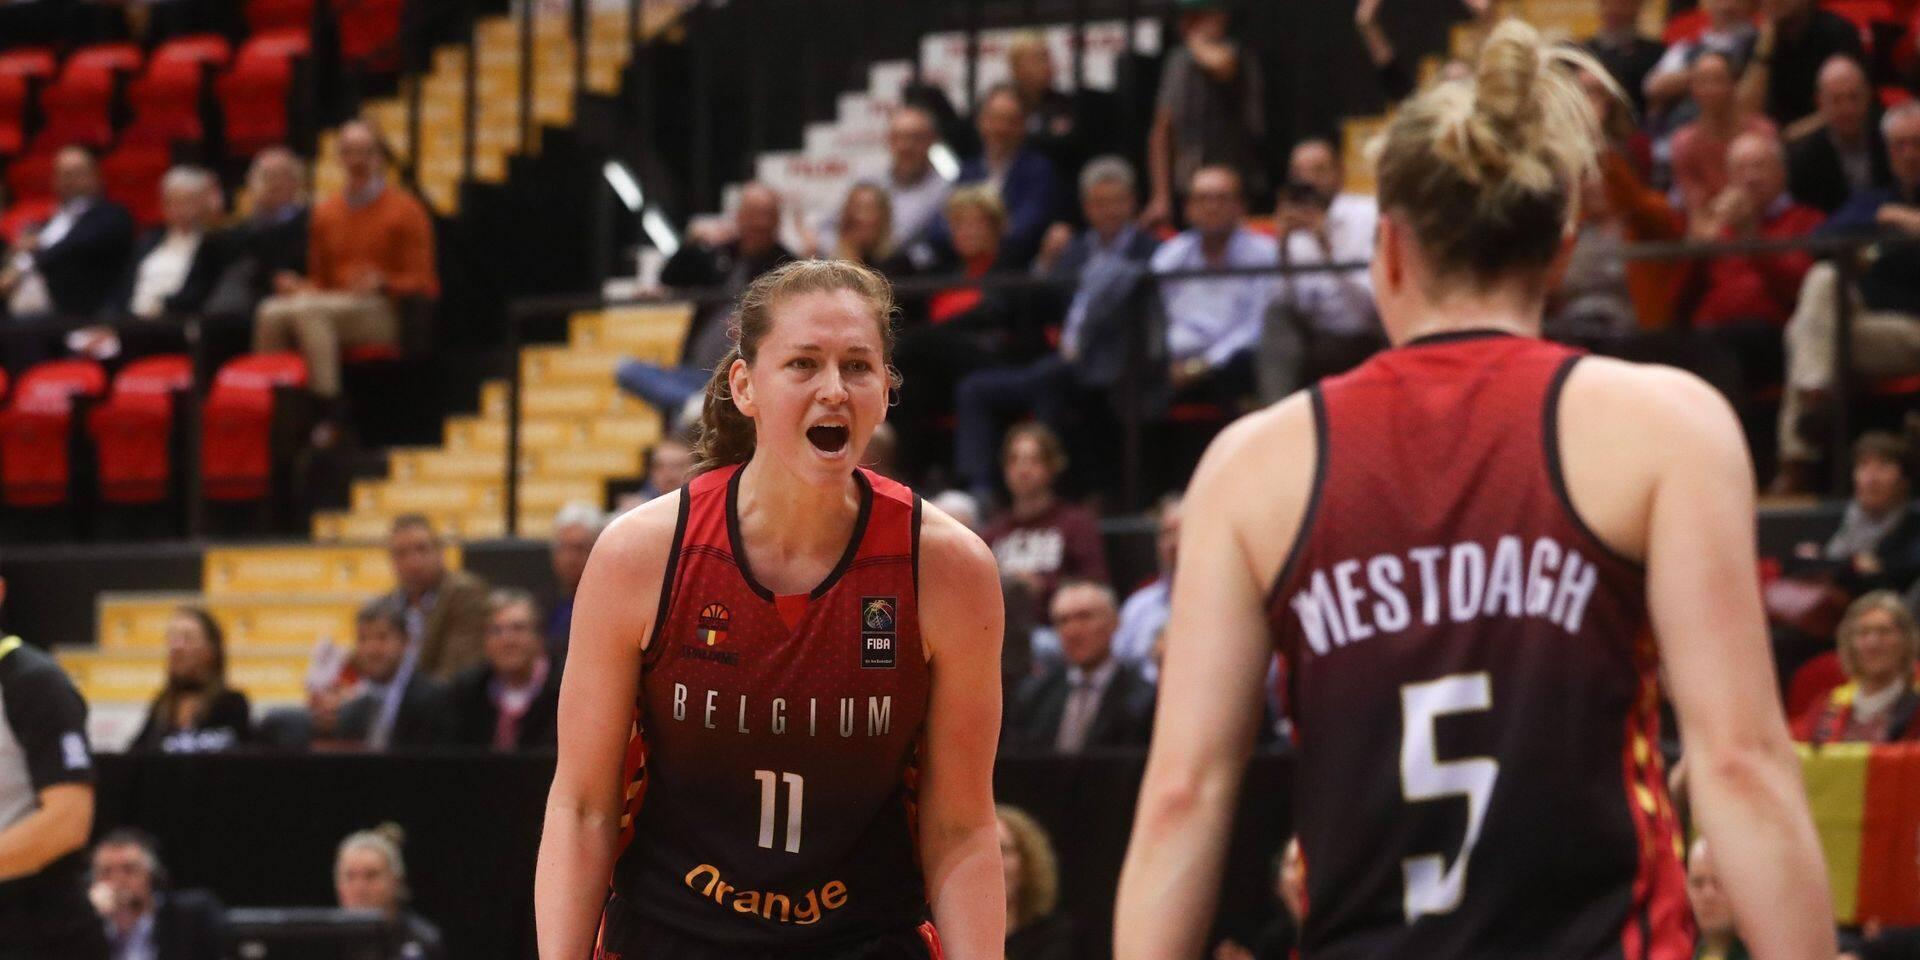 Belgian Cats: Emmenée par Emma Meesseman, la Belgique s'impose en préparation, 64-63 face à la Serbie